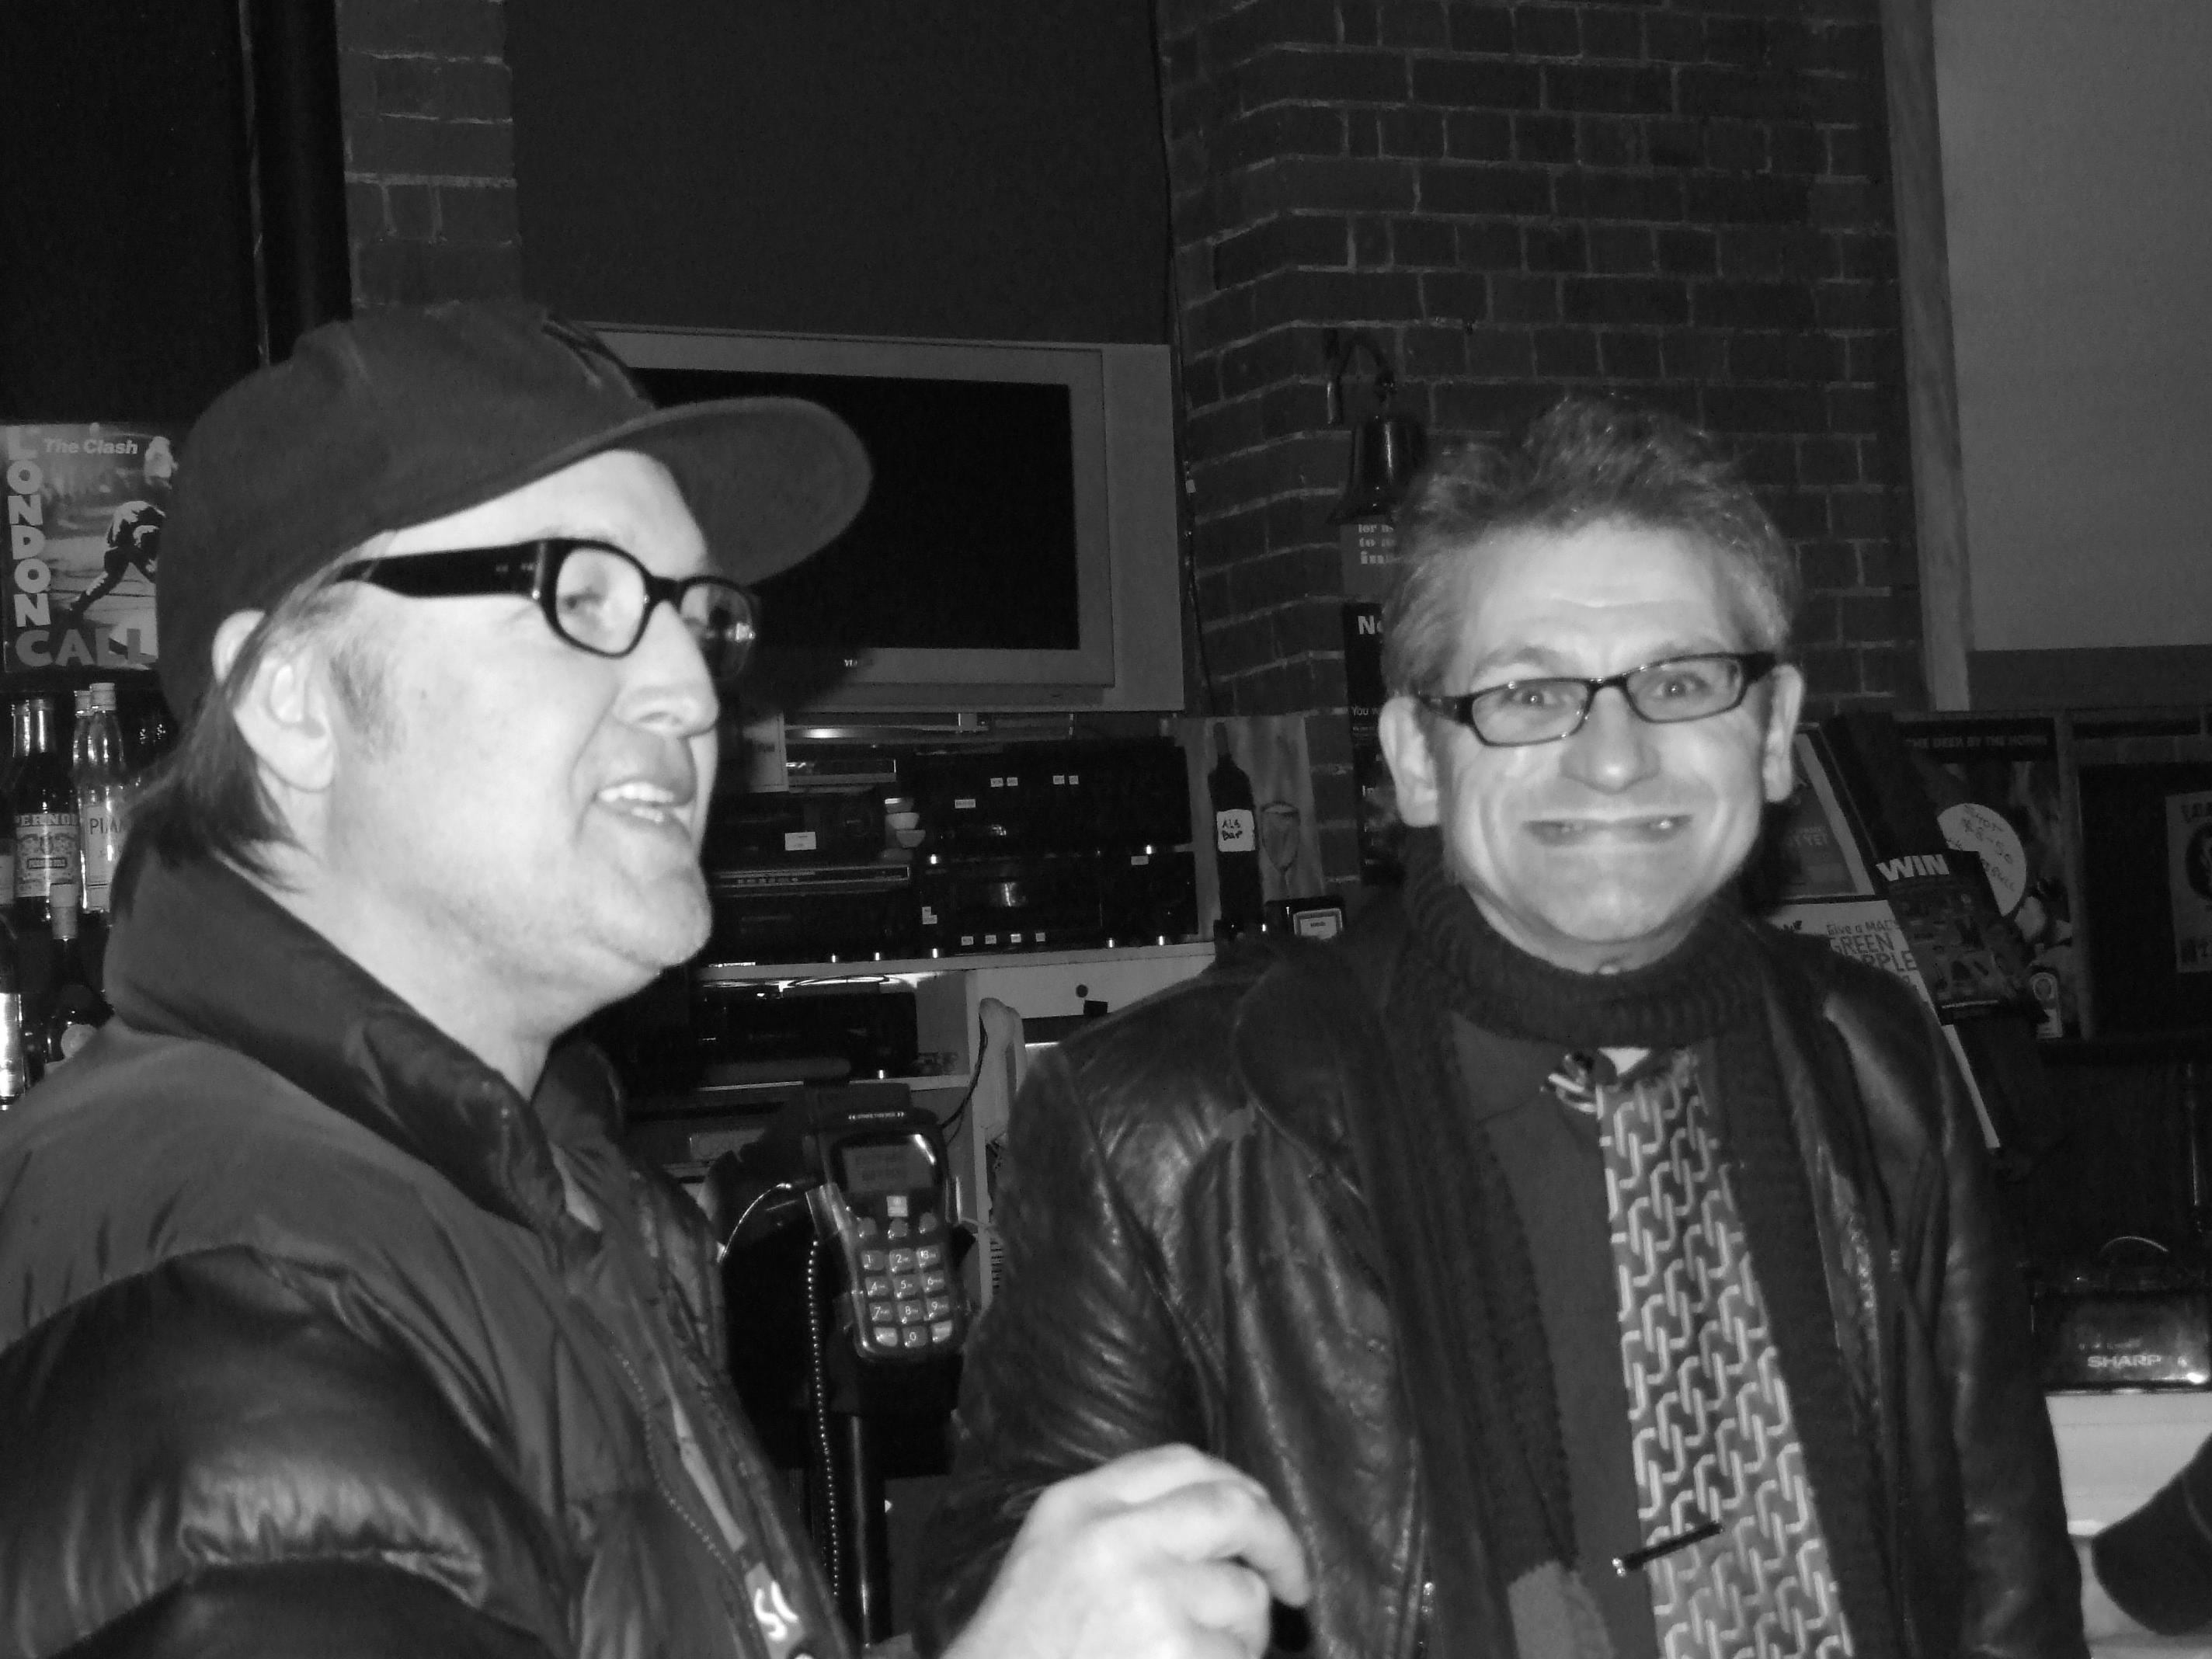 Stu Kawowski, Mick Elborado, Axemen, 2009